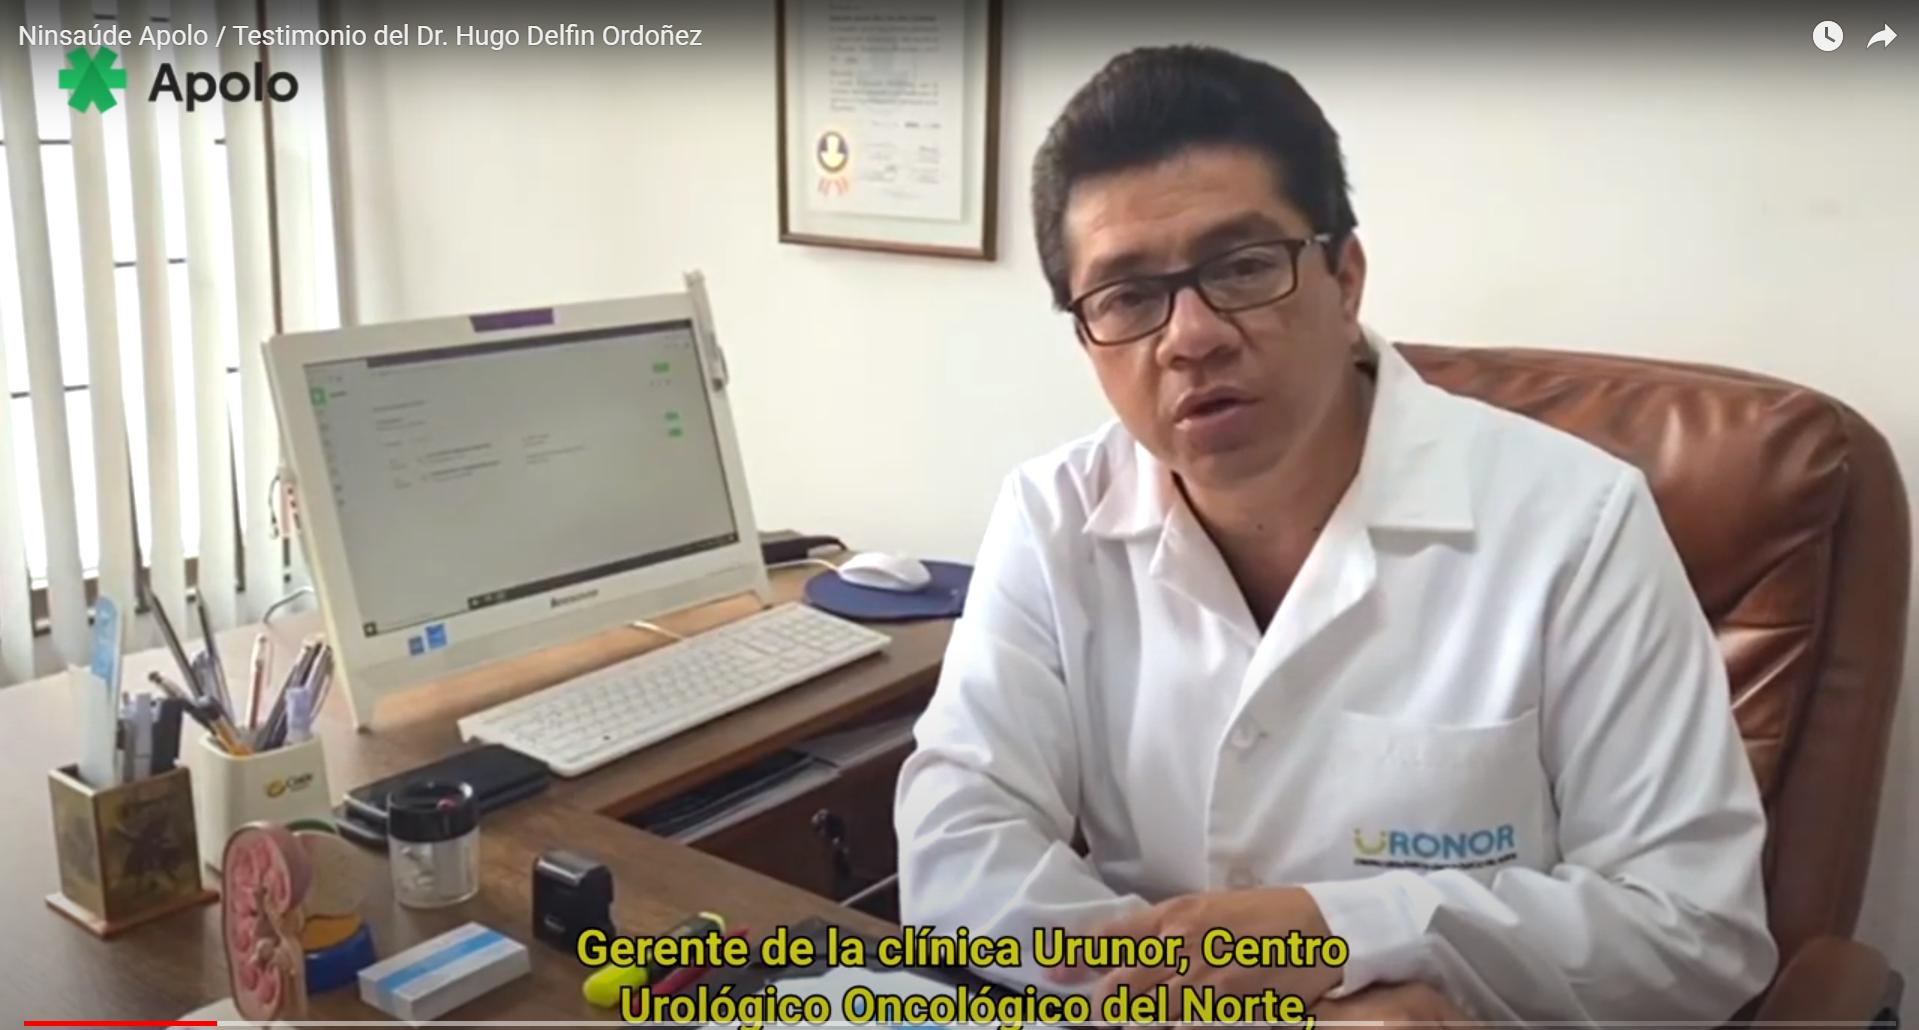 Caso de éxito: vea cómo Ninsaúde Apolo ayuda al Dr. Hugo Ordóñez